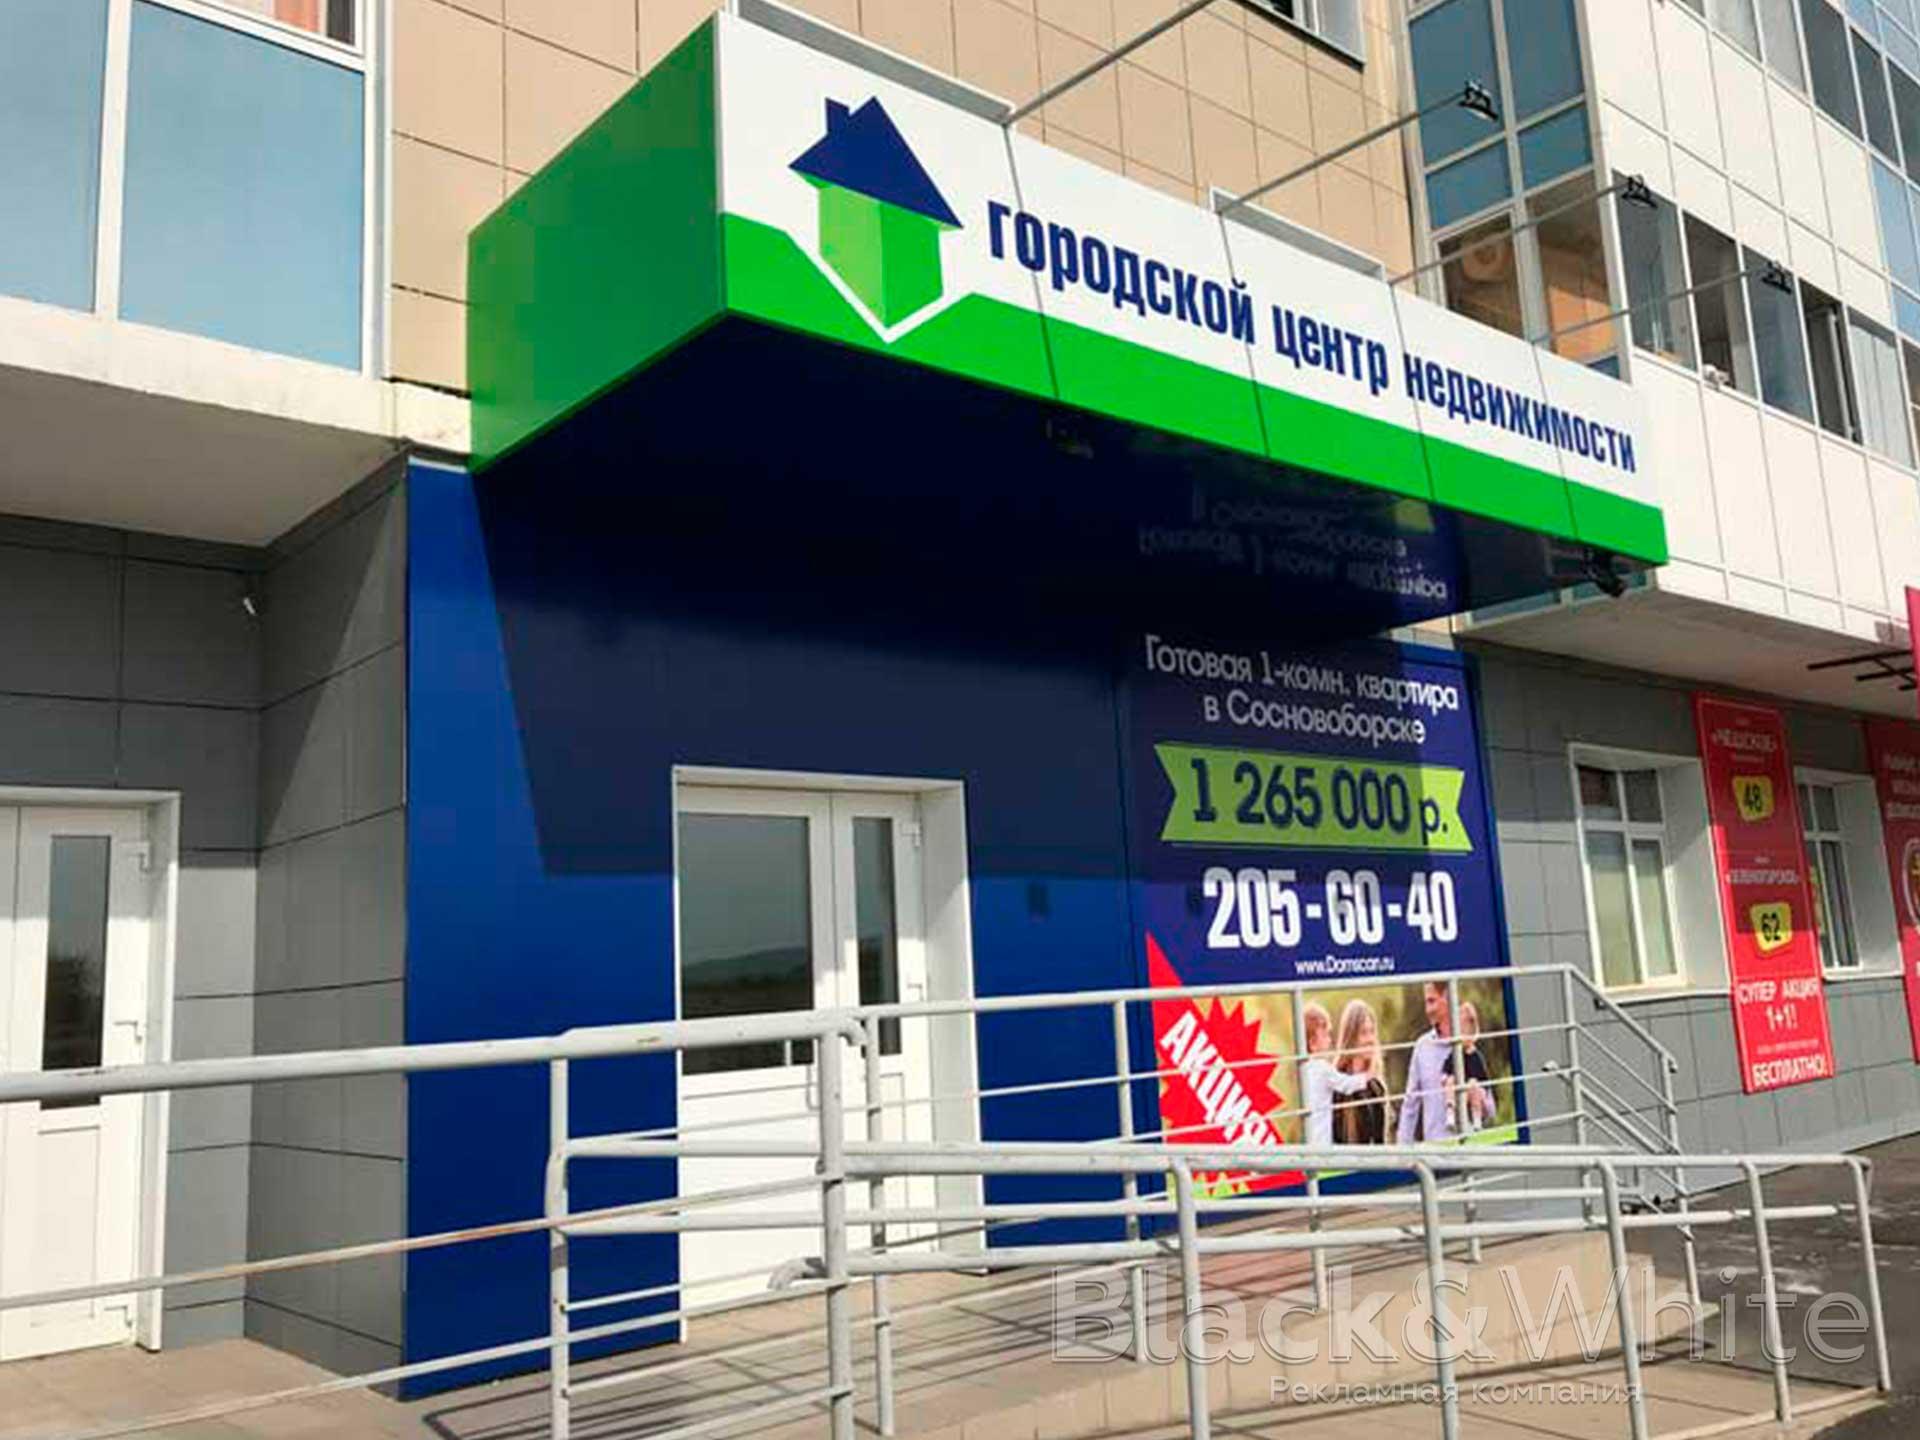 Vhodnaya_gruppa_iz_akpp_podsvetka_prozhektora.jpg